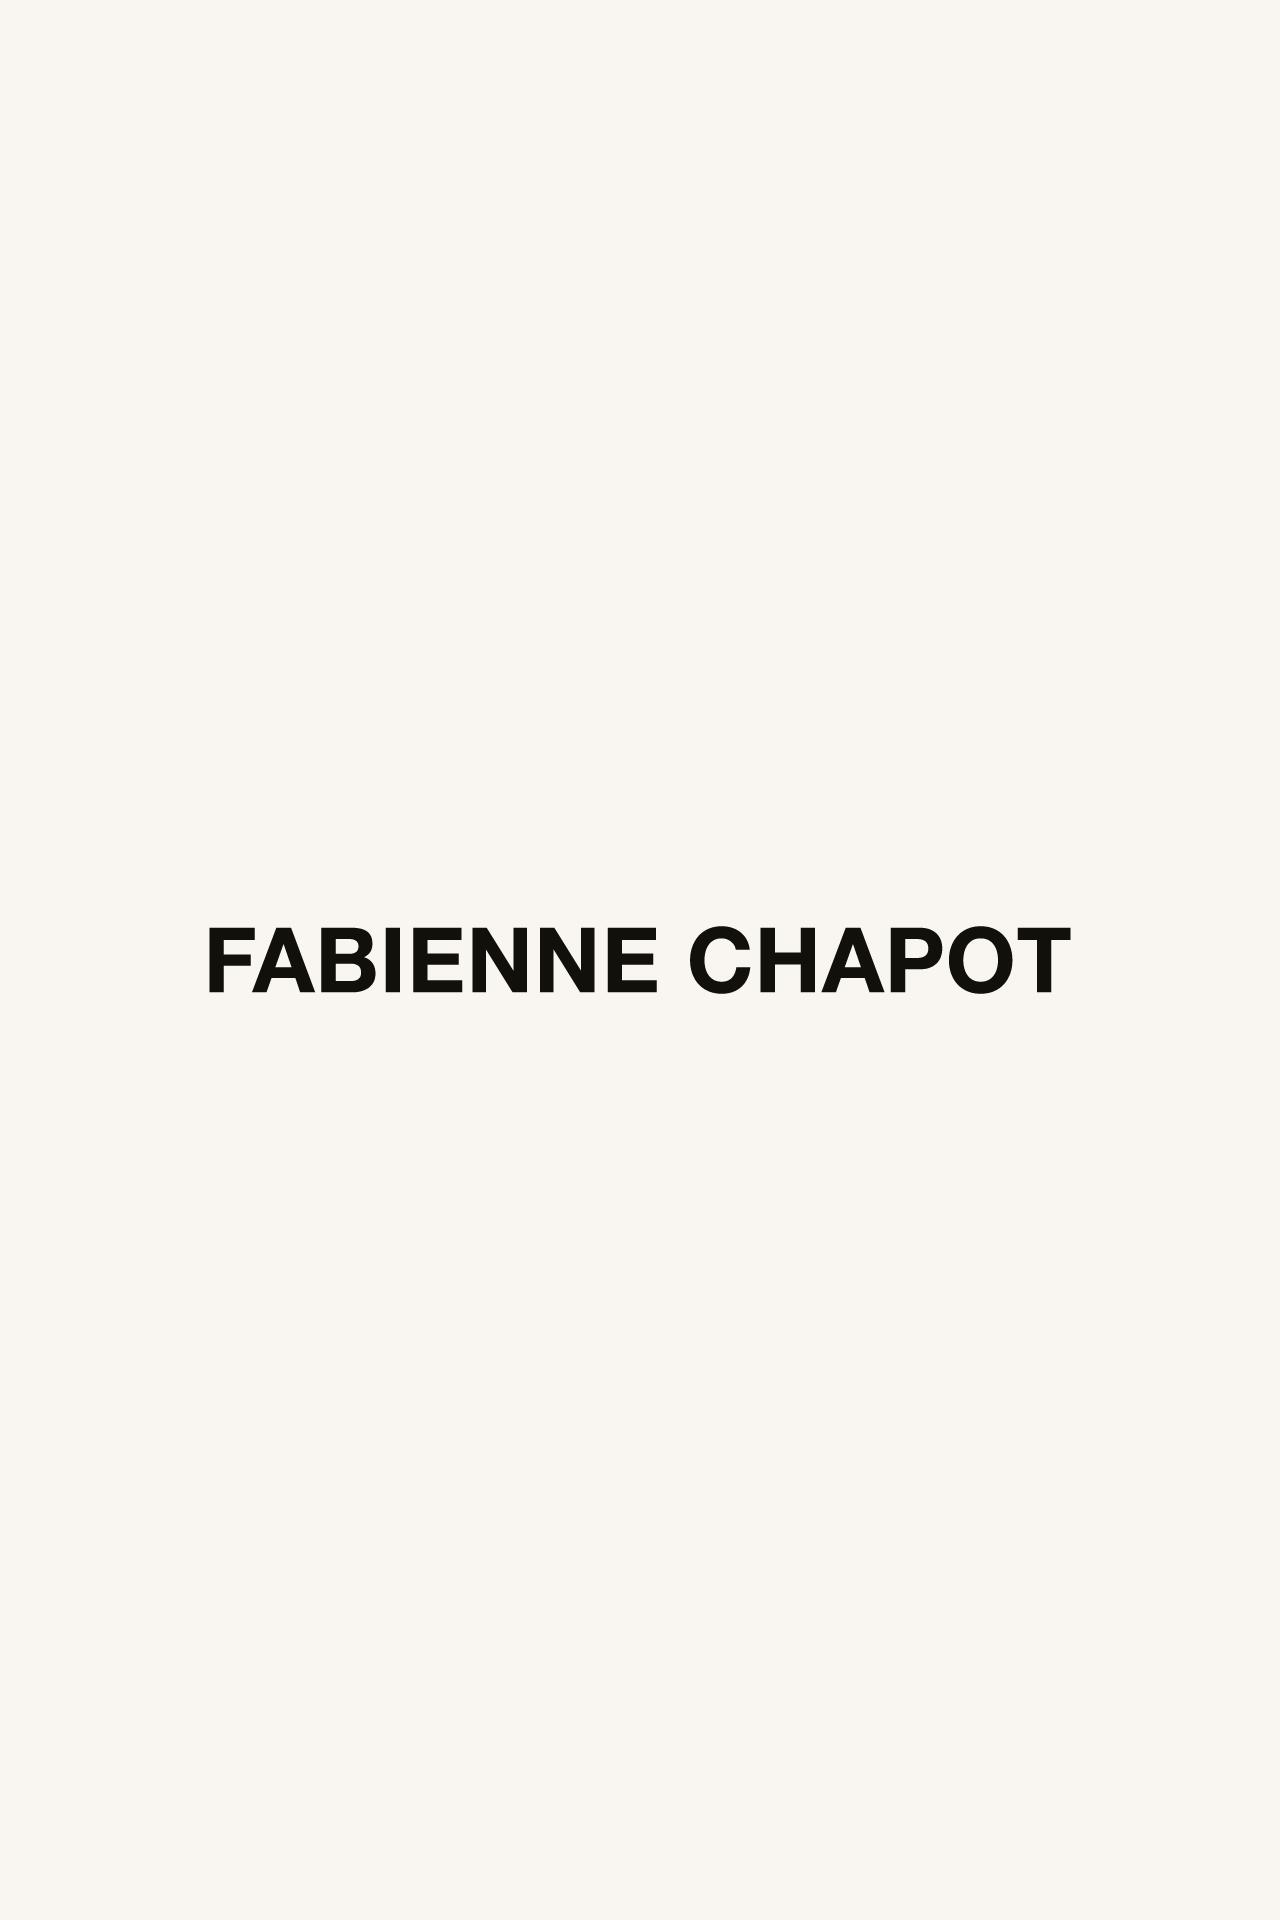 Jacquard Lola Mocassin Acheter Pas Cher Boutique eY6esxKT